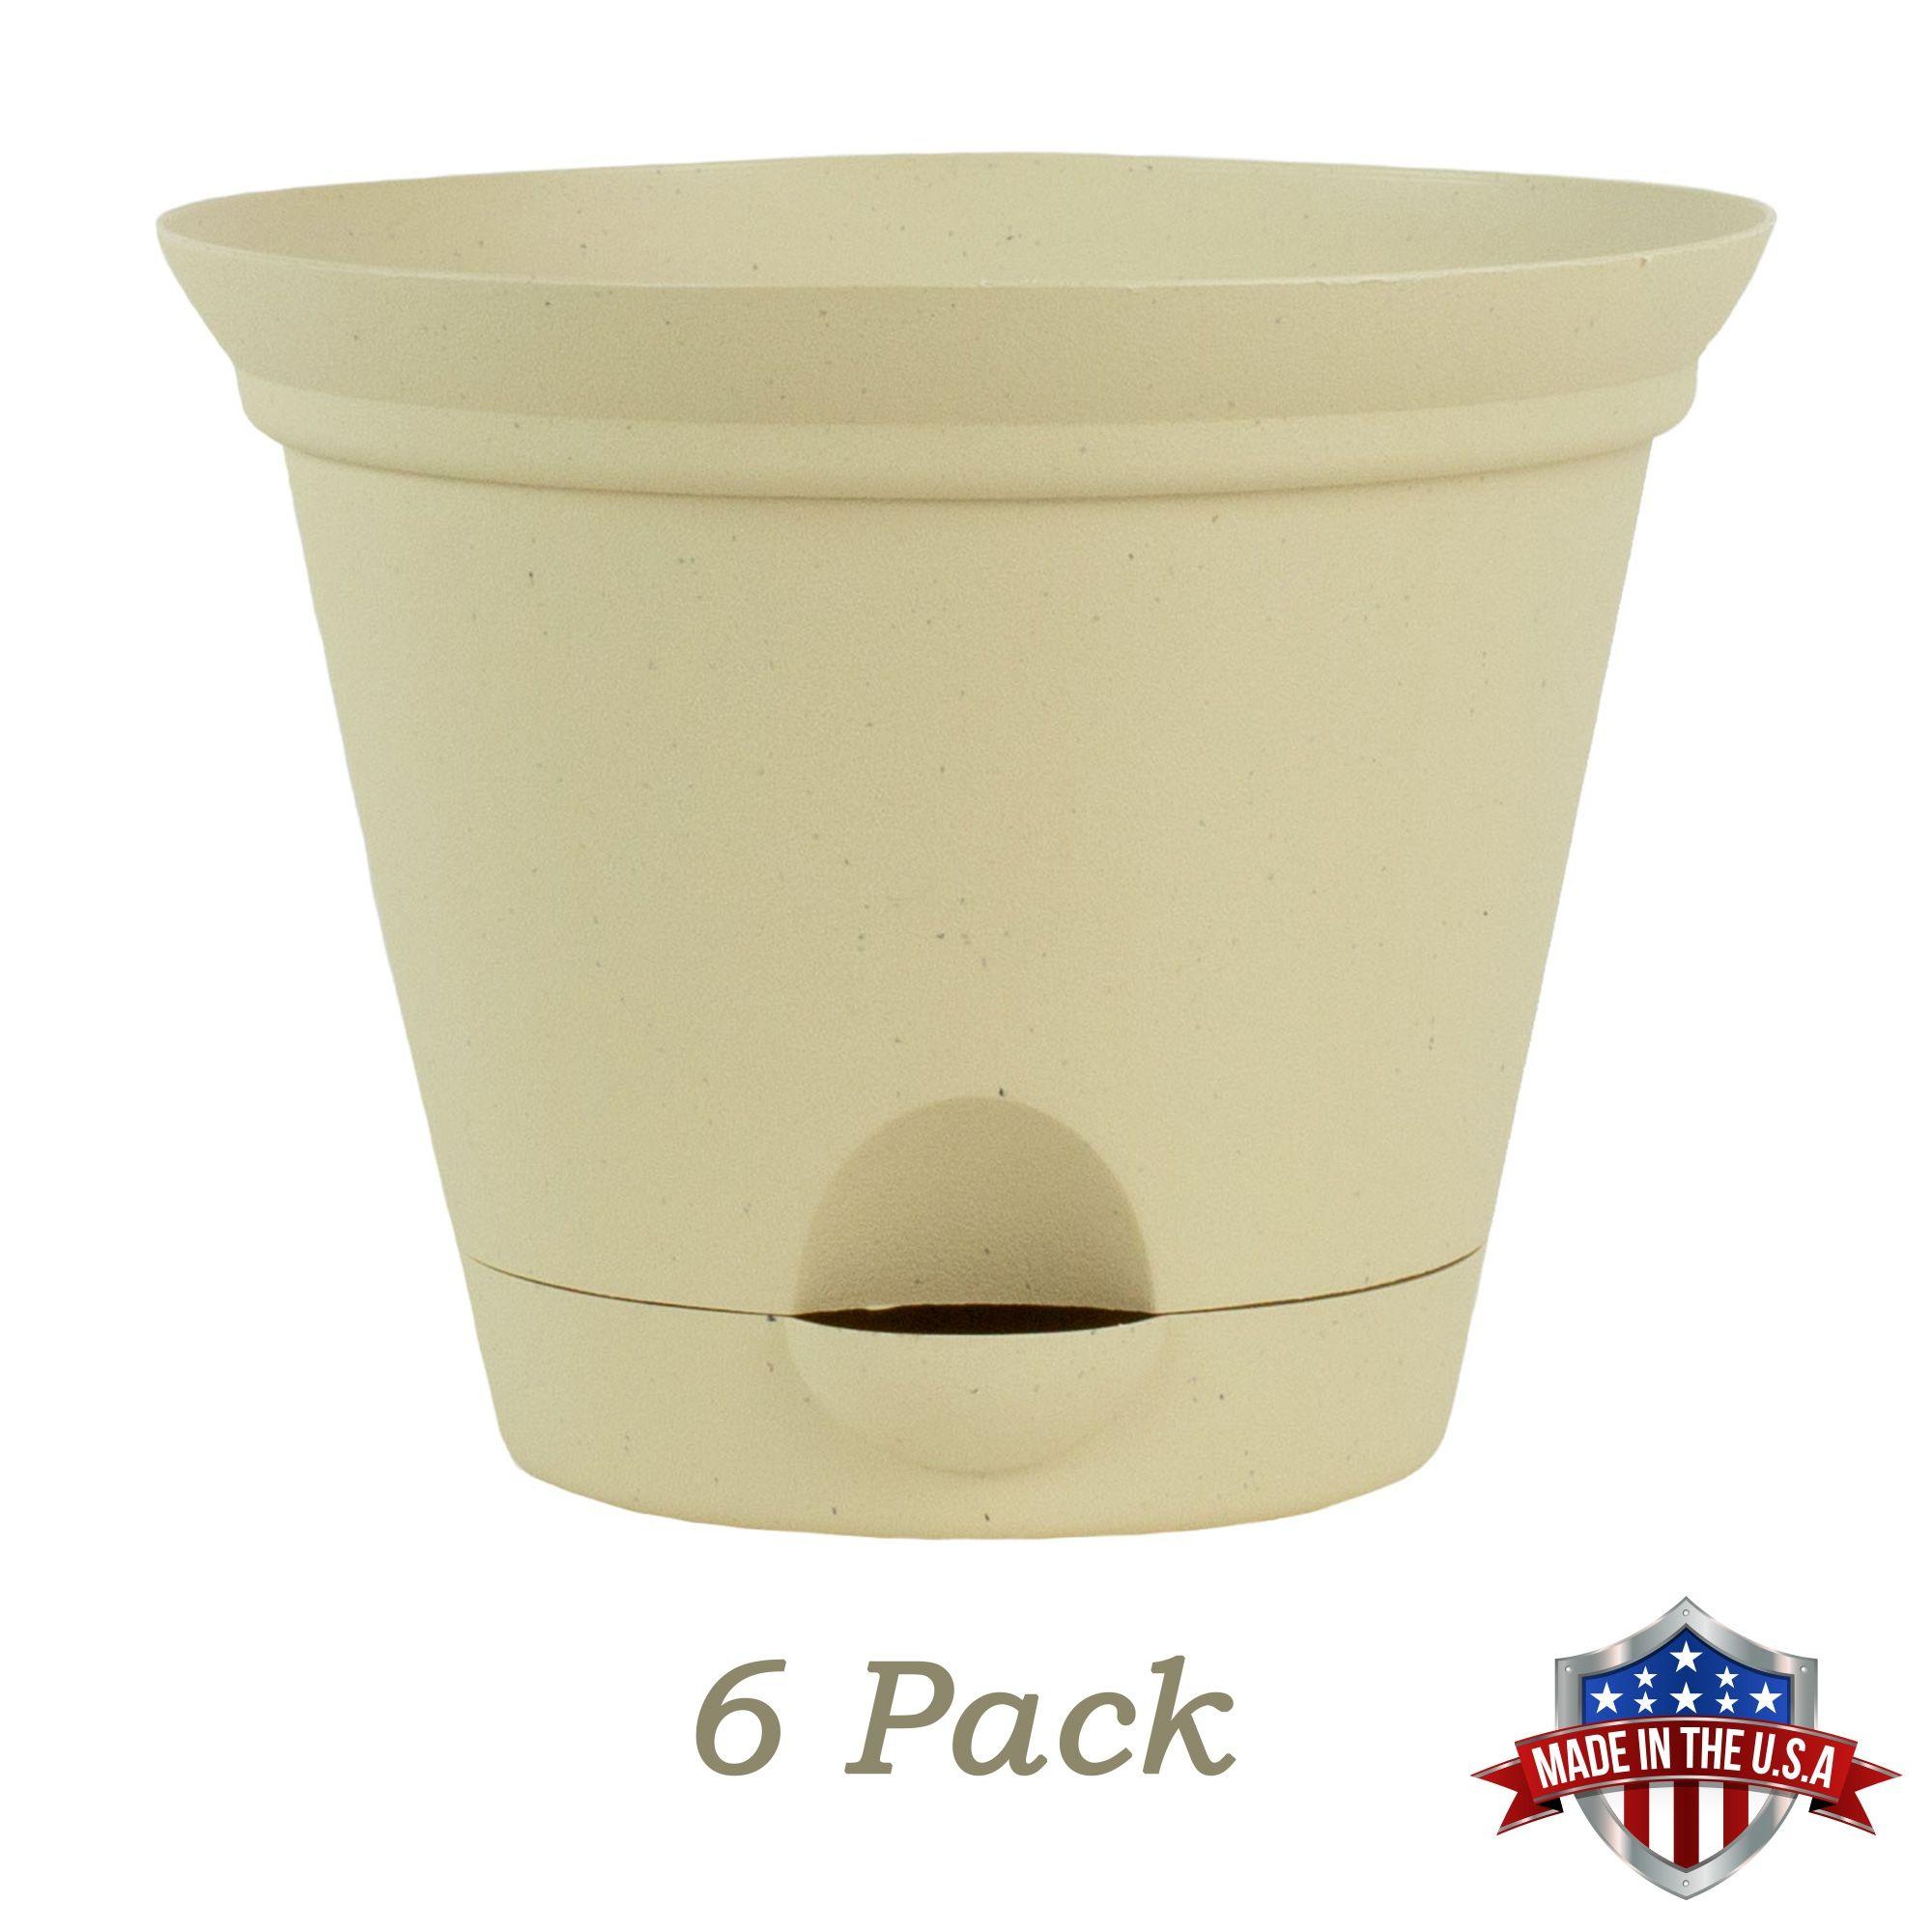 6 Pack 7 Inch Latte Quartz Plastic Self Watering Flare